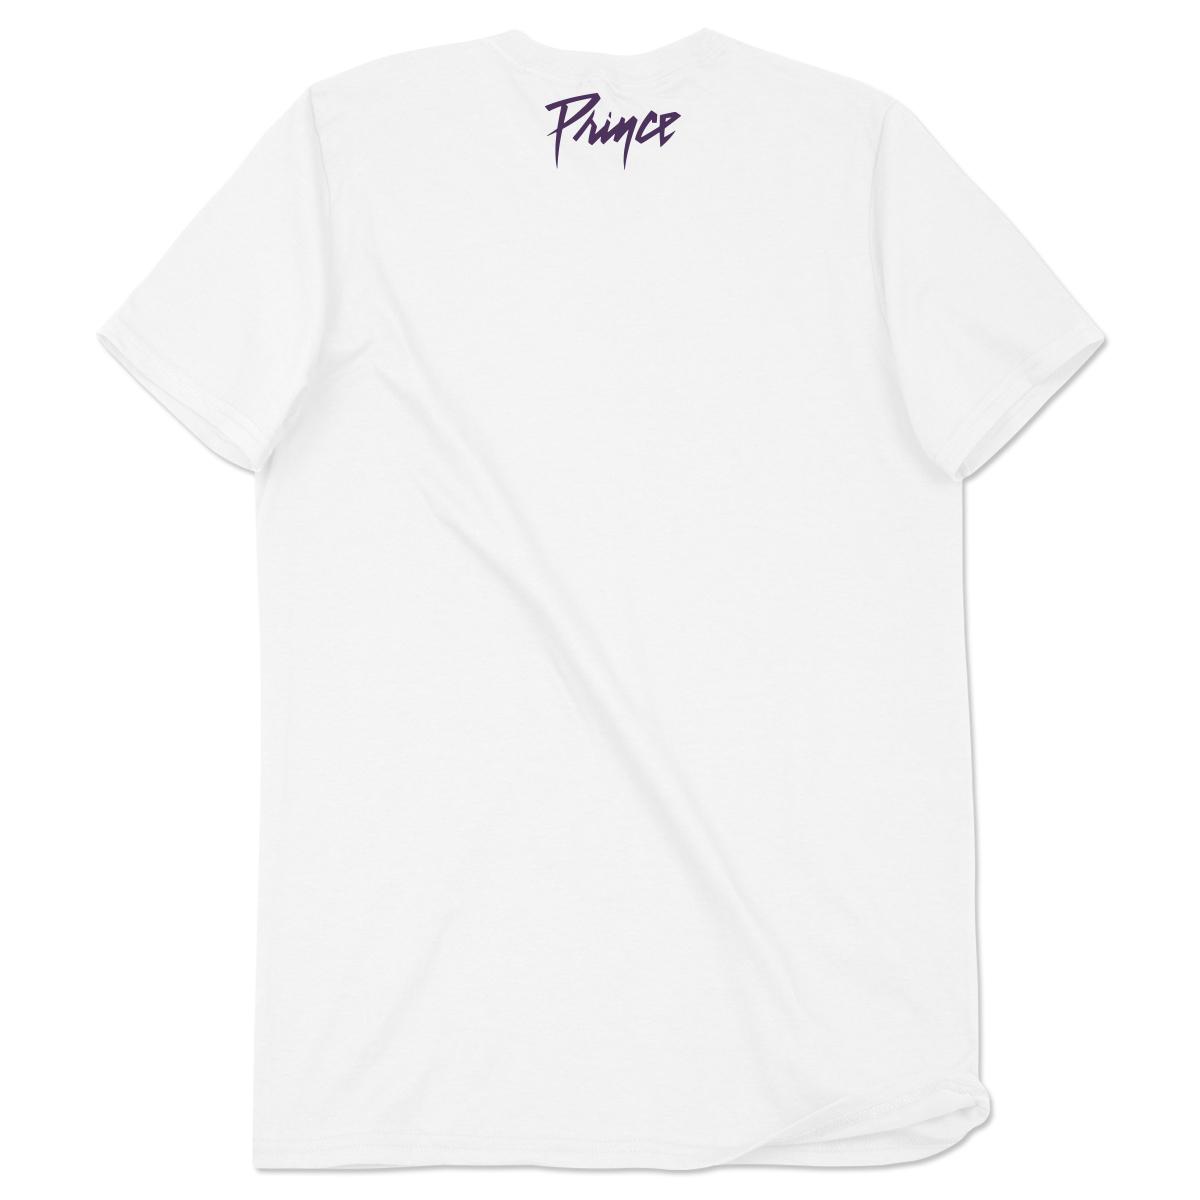 Purple Rain Graphic T-shirt